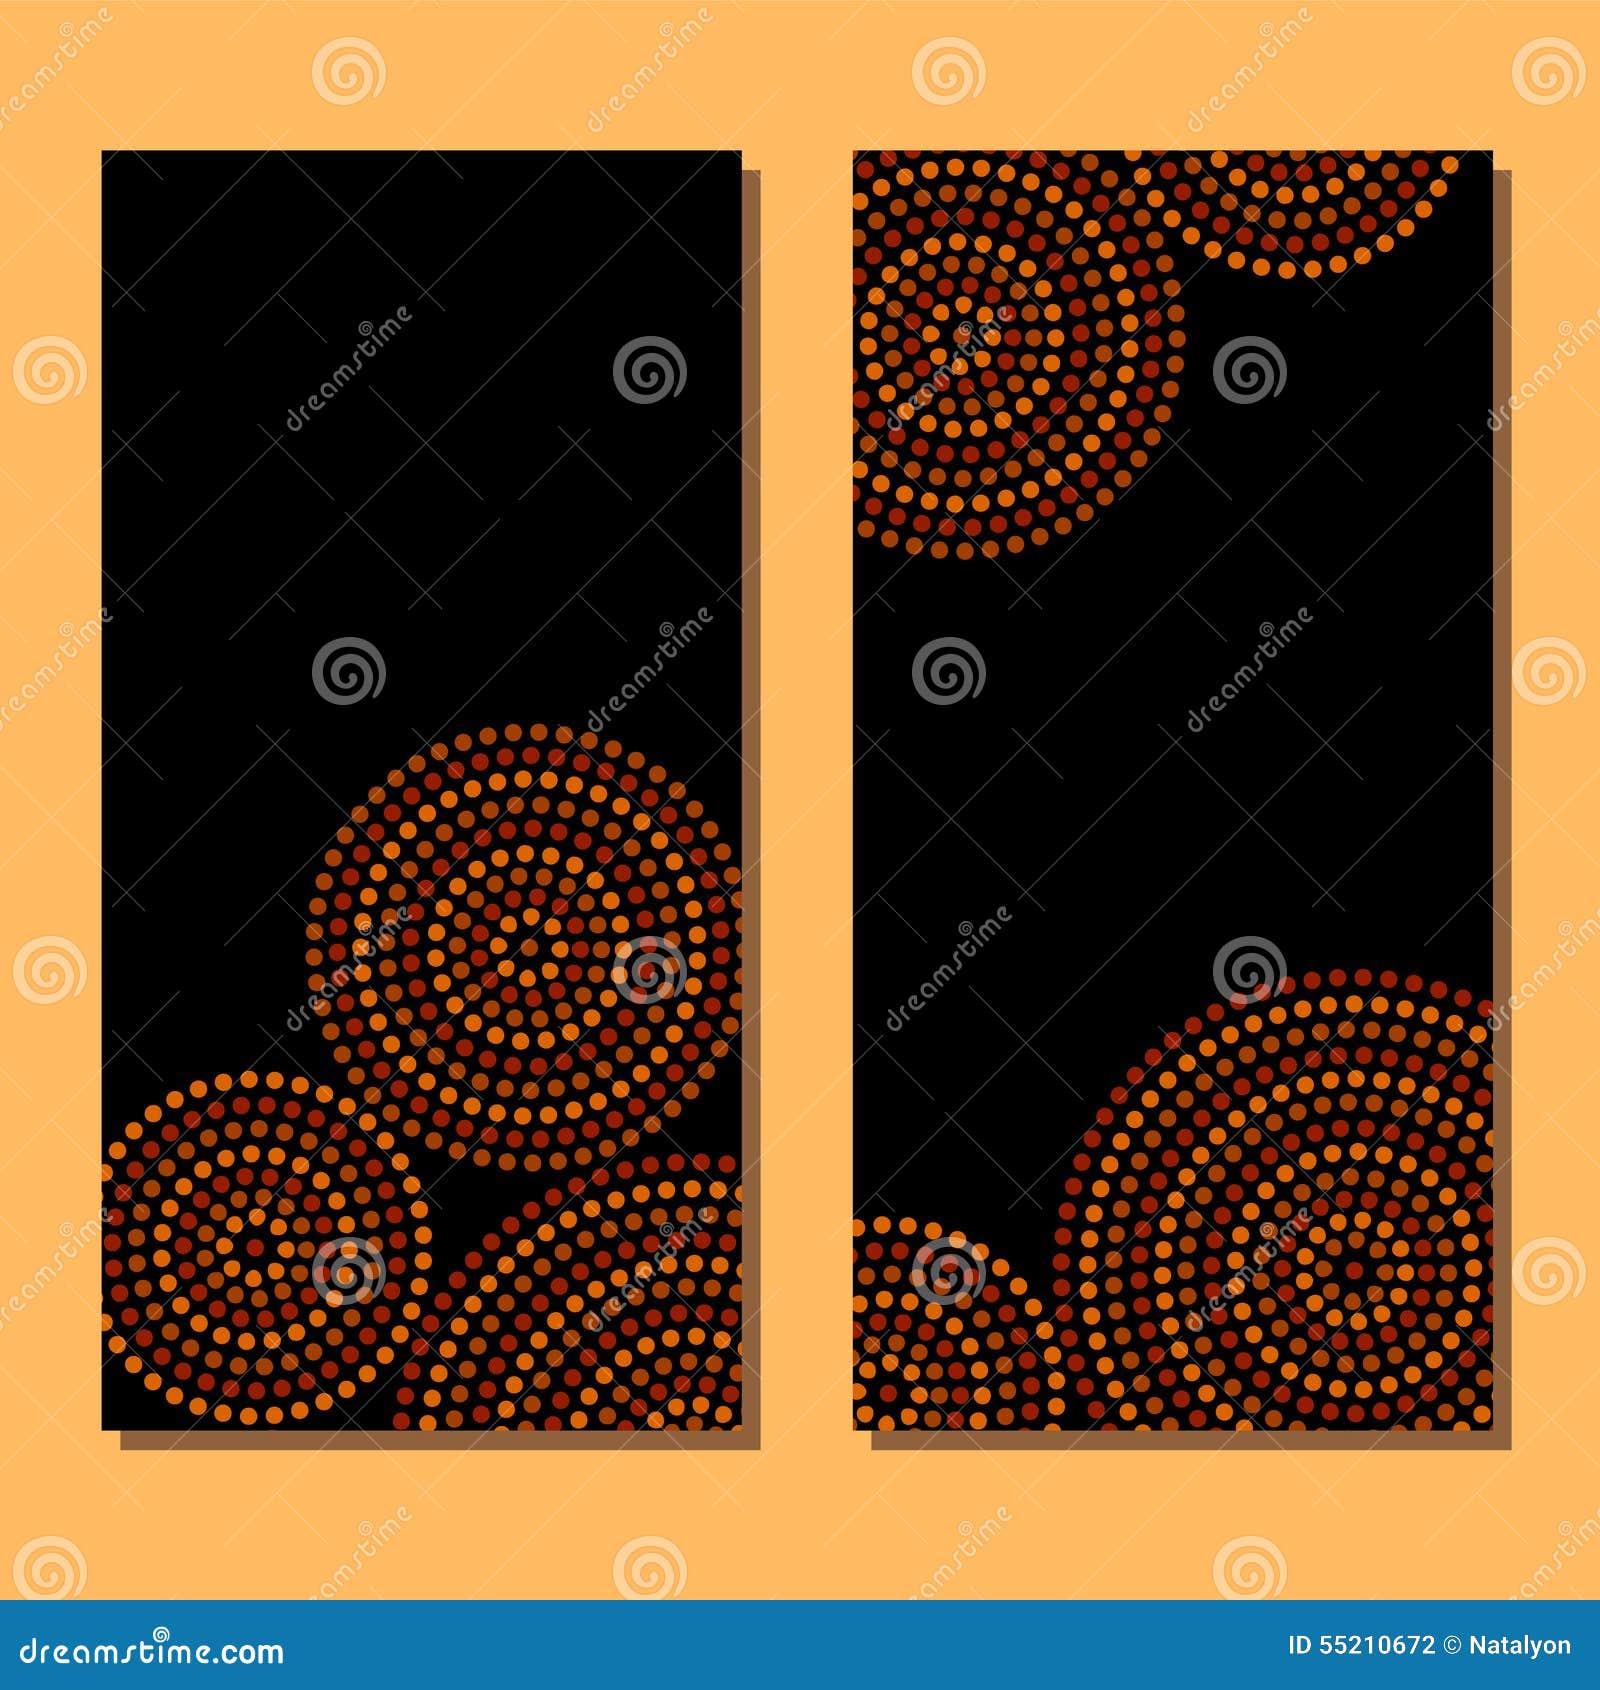 Círculos concéntricos del arte geométrico aborigen australiano en marrón y negro anaranjados, sistema de dos tarjetas, vector